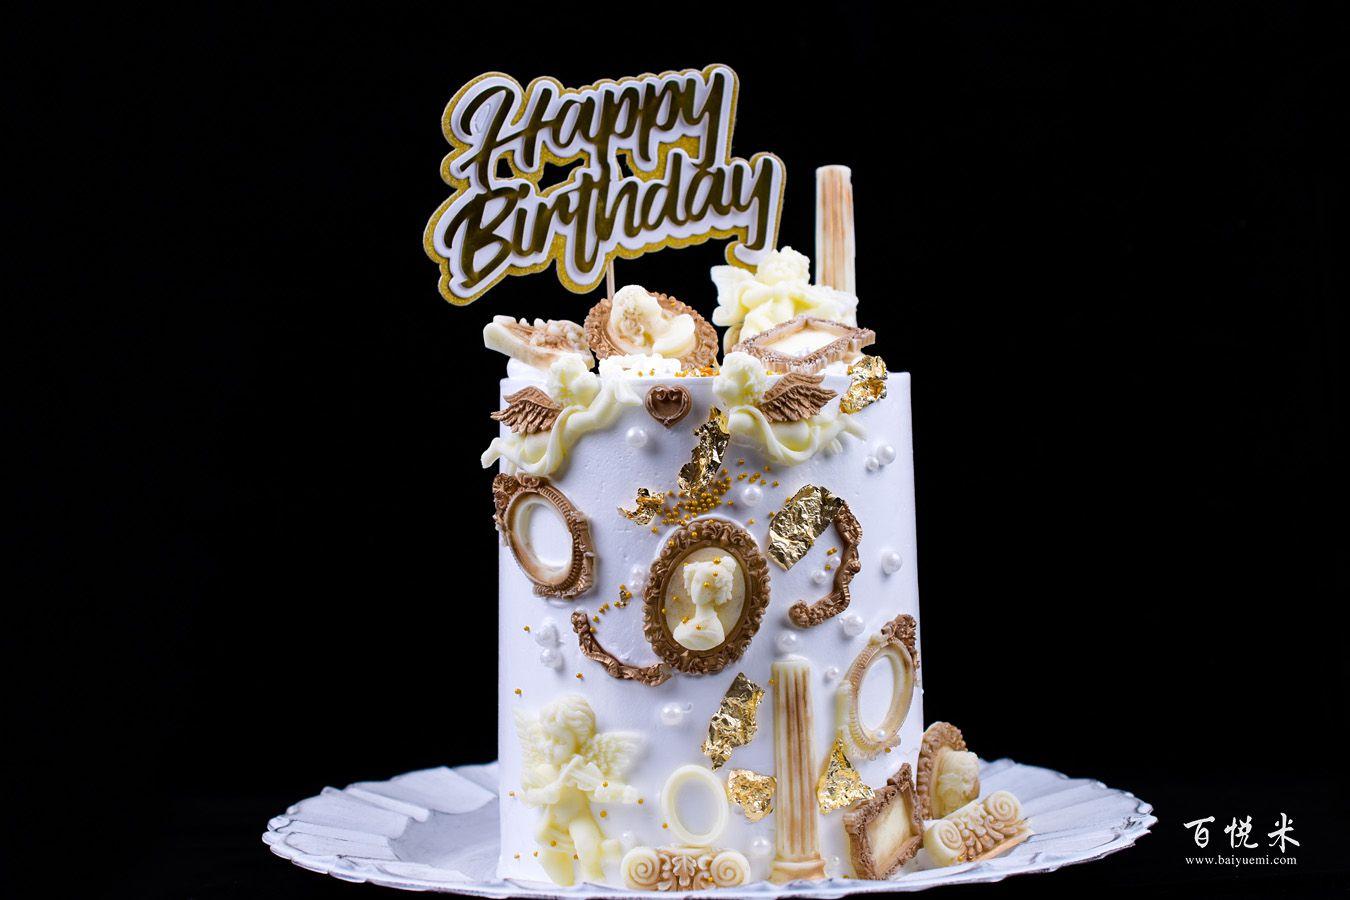 罗马天使浮雕生日蛋糕的做法大全,罗马天使浮雕生日蛋糕培训怎么做